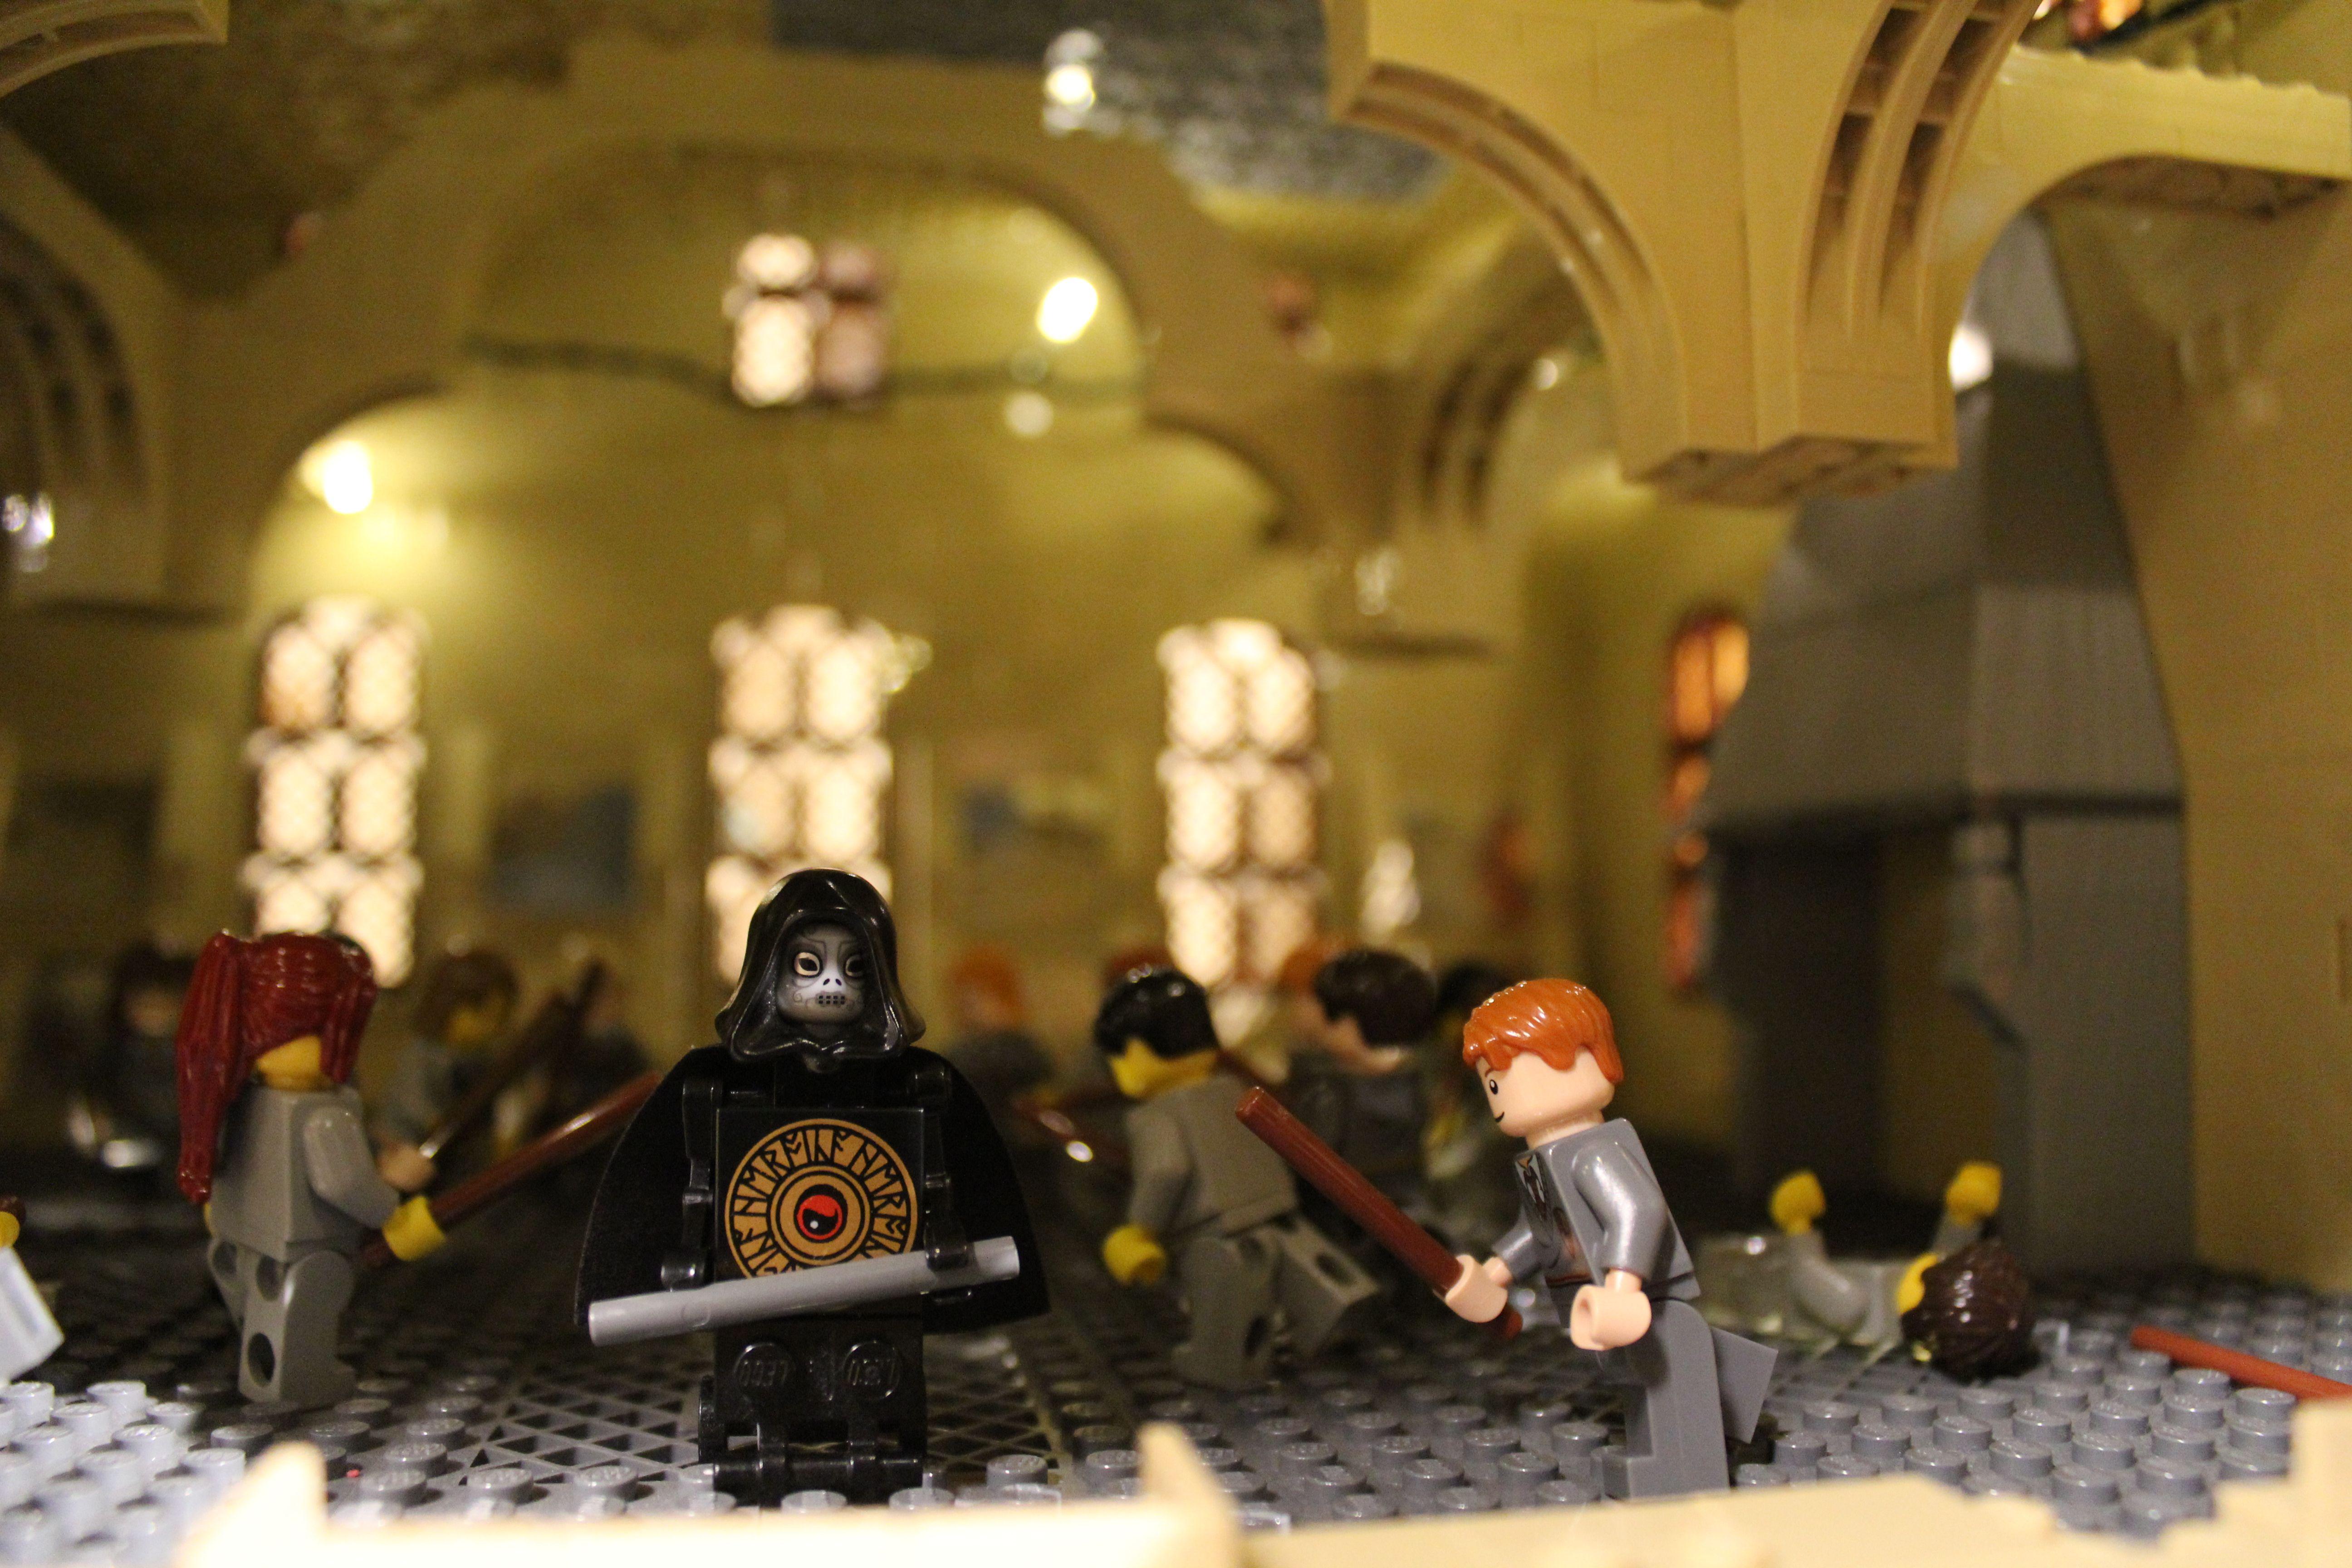 Httpcollidercomwarmbodiesmovieclipsbehindthescenes - Lego minecraft hauser